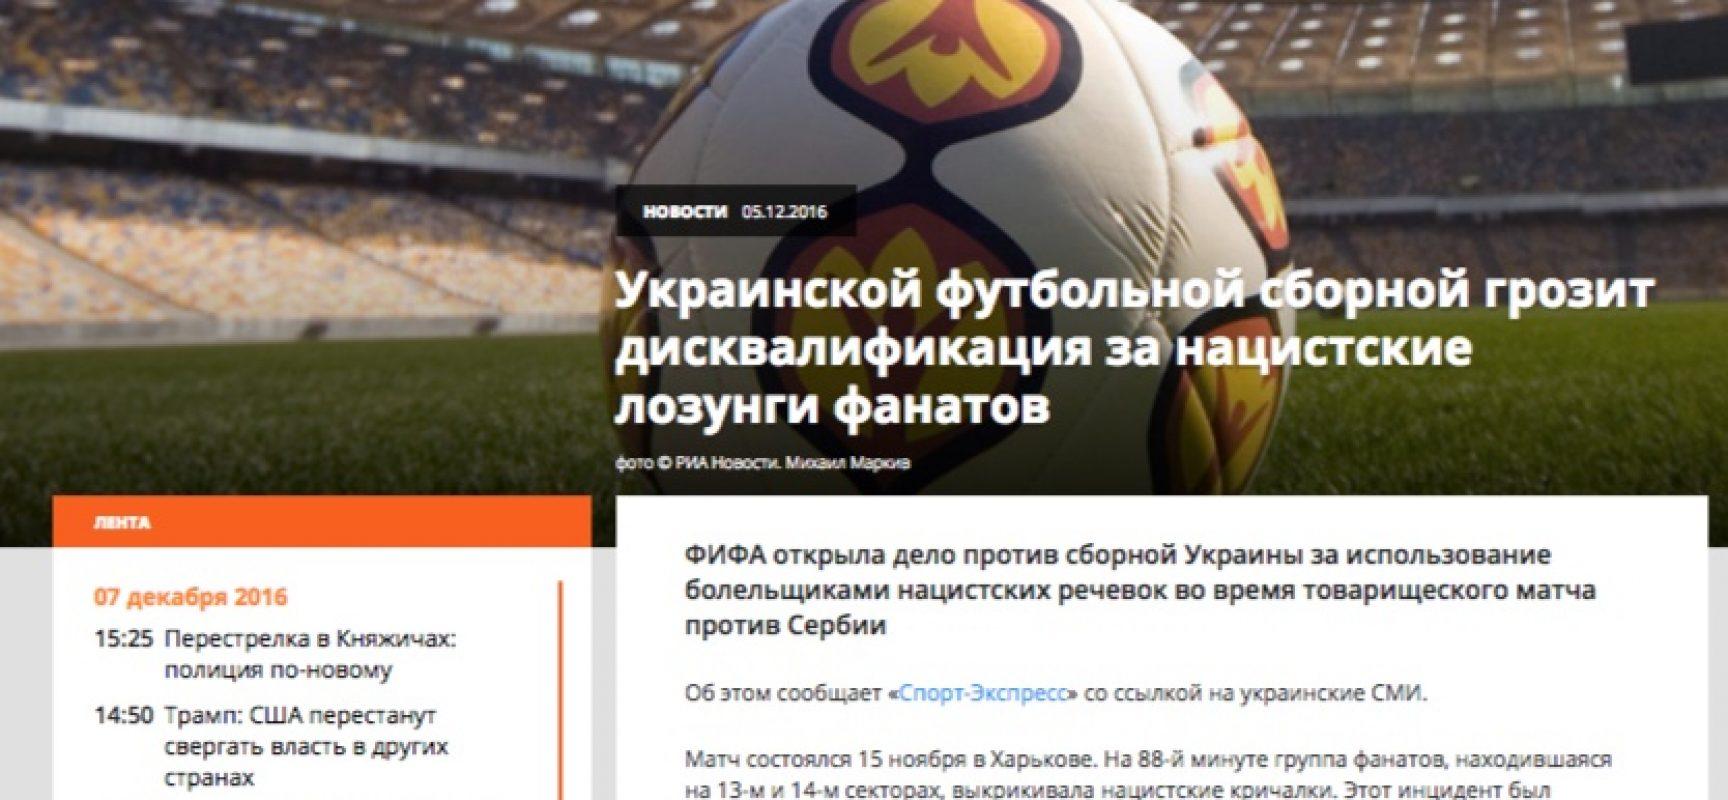 La squadra Ucraina sara' squalificata a livello internazionale (Fake)